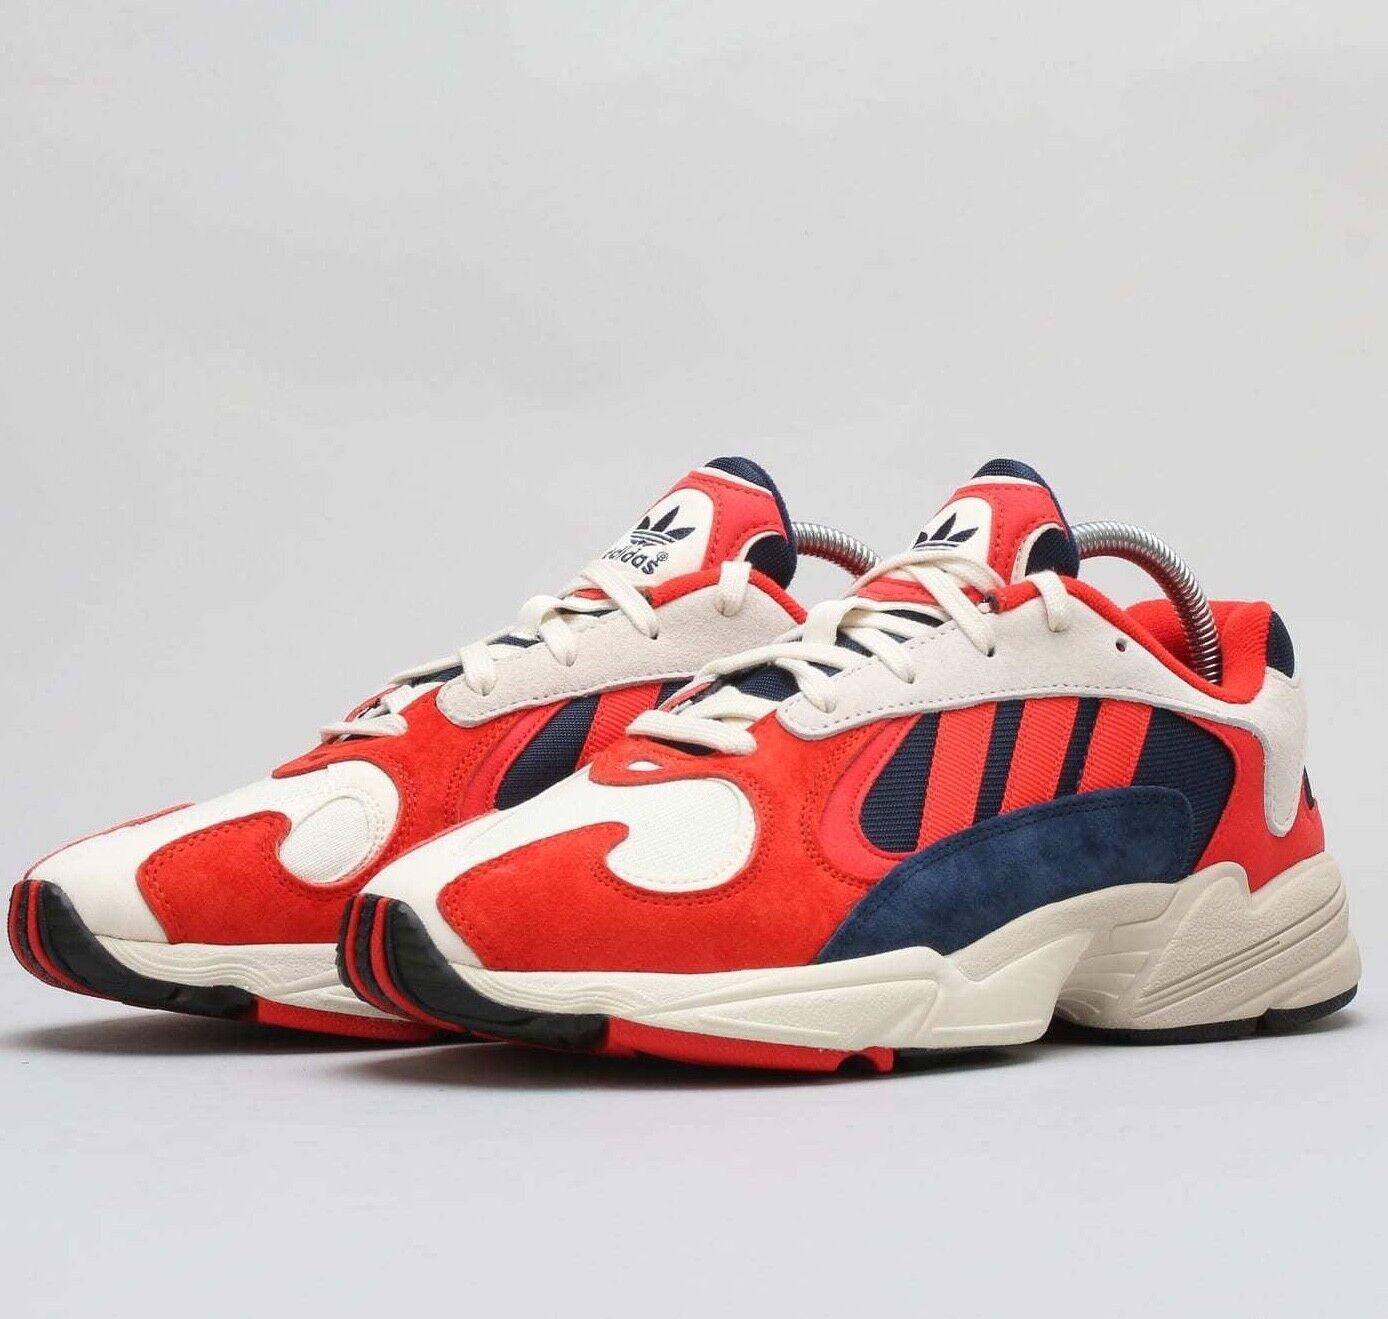 Adidas yung-1 navy rojo hombre blanco b37615 Yung 1 hombre rojo zapatos NIB bc5069